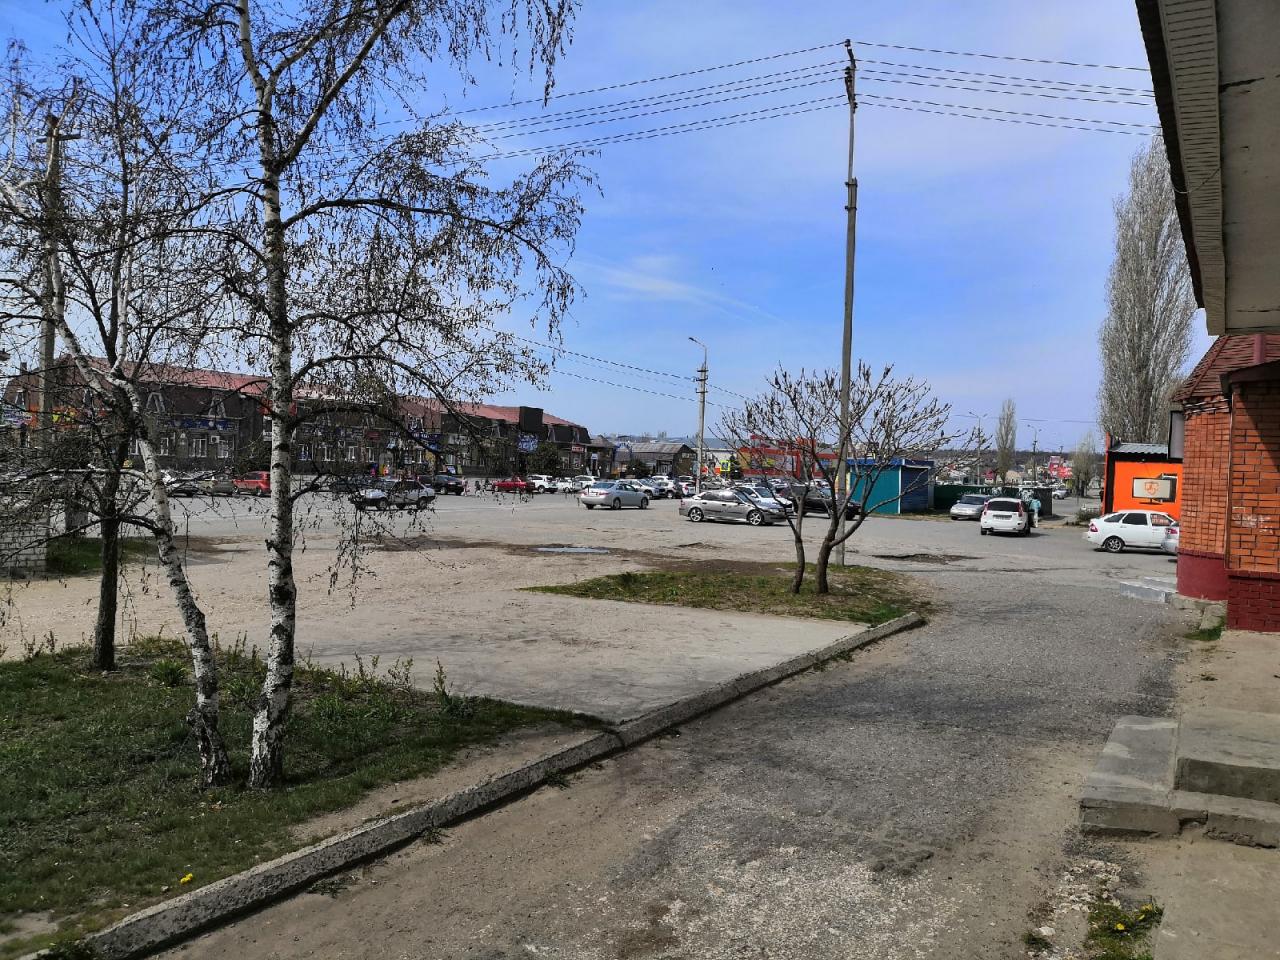 Волгоградская область михайловка элеватор элеватор петровское тамбовская область официальный